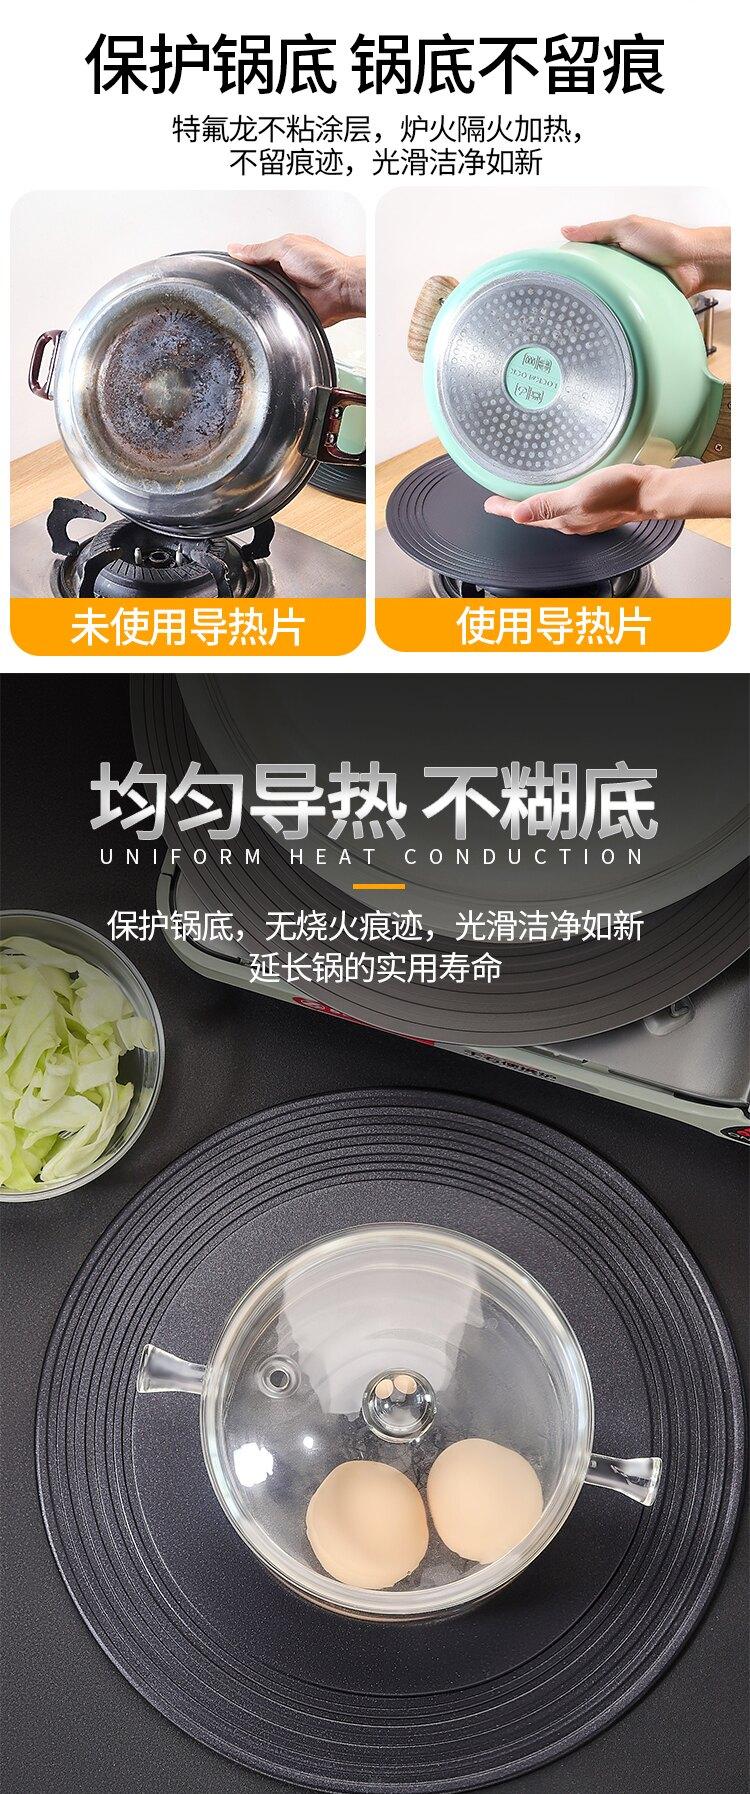 解凍板 燃氣灶導熱板防燒黑煤氣導熱盤護鍋節能家用解凍板傳熱墊廚房神器『廚房用品』